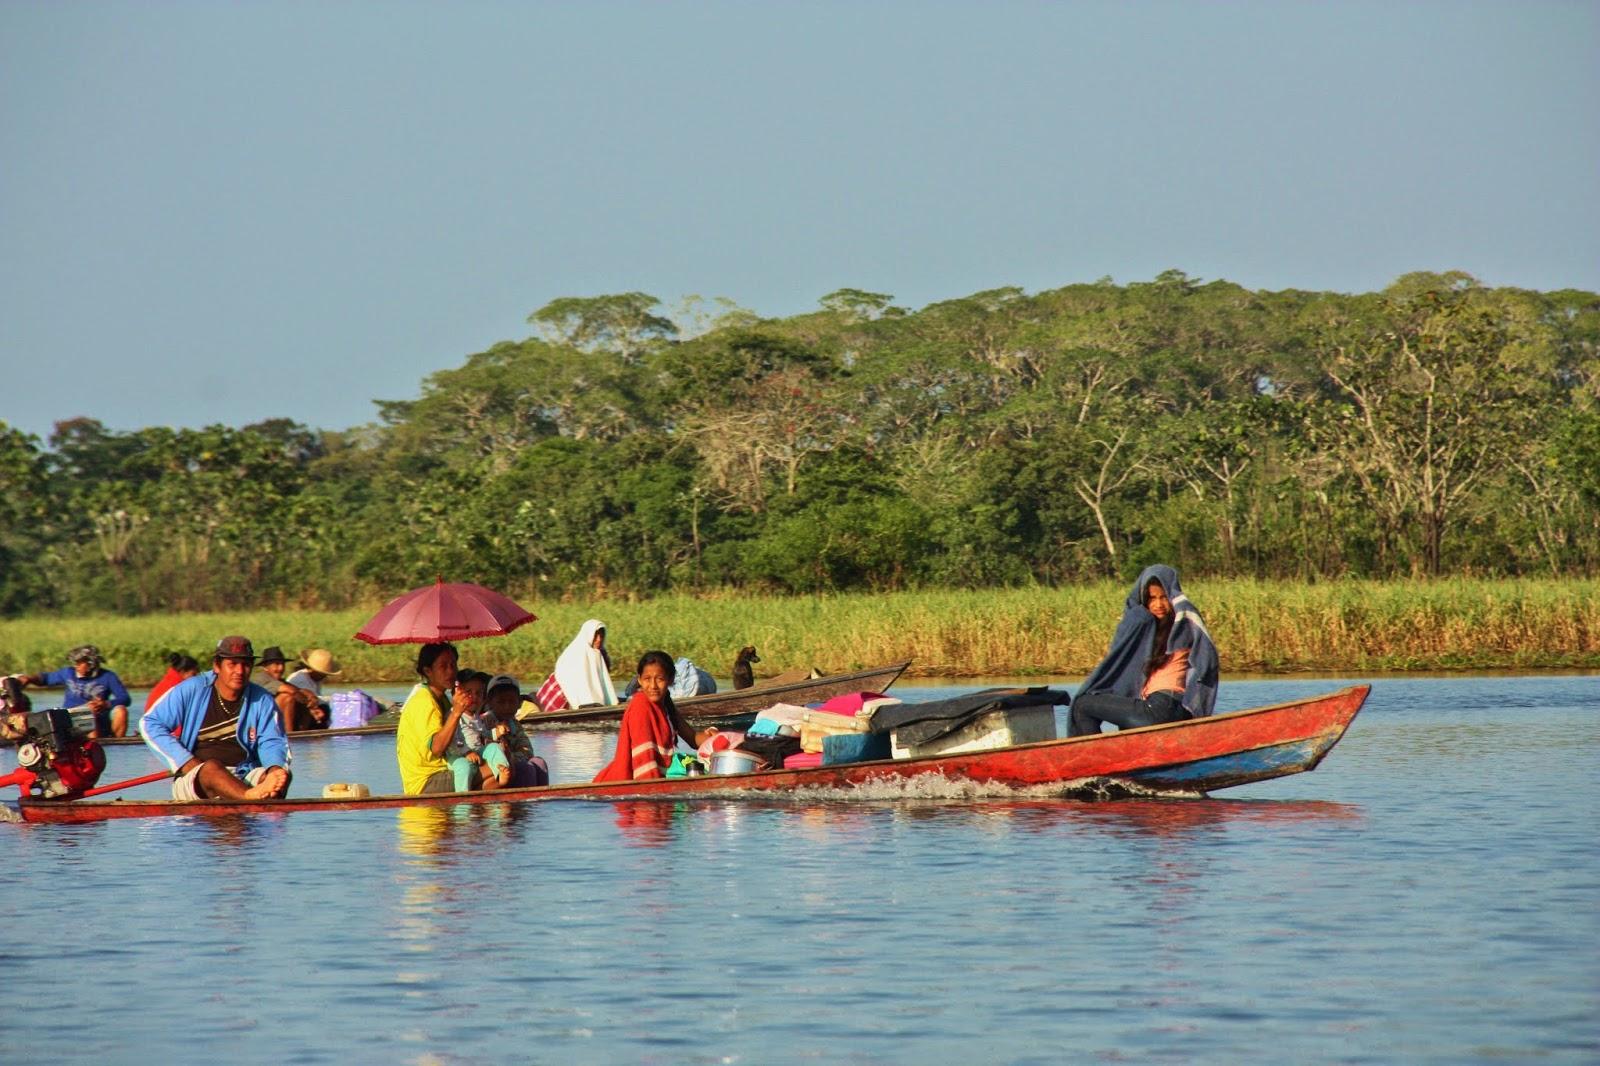 Nativos da Amazônia, durante experiência de Turismo de Base Comunitária na Reserva de Desenvolvimento Sustentável Mamirauá